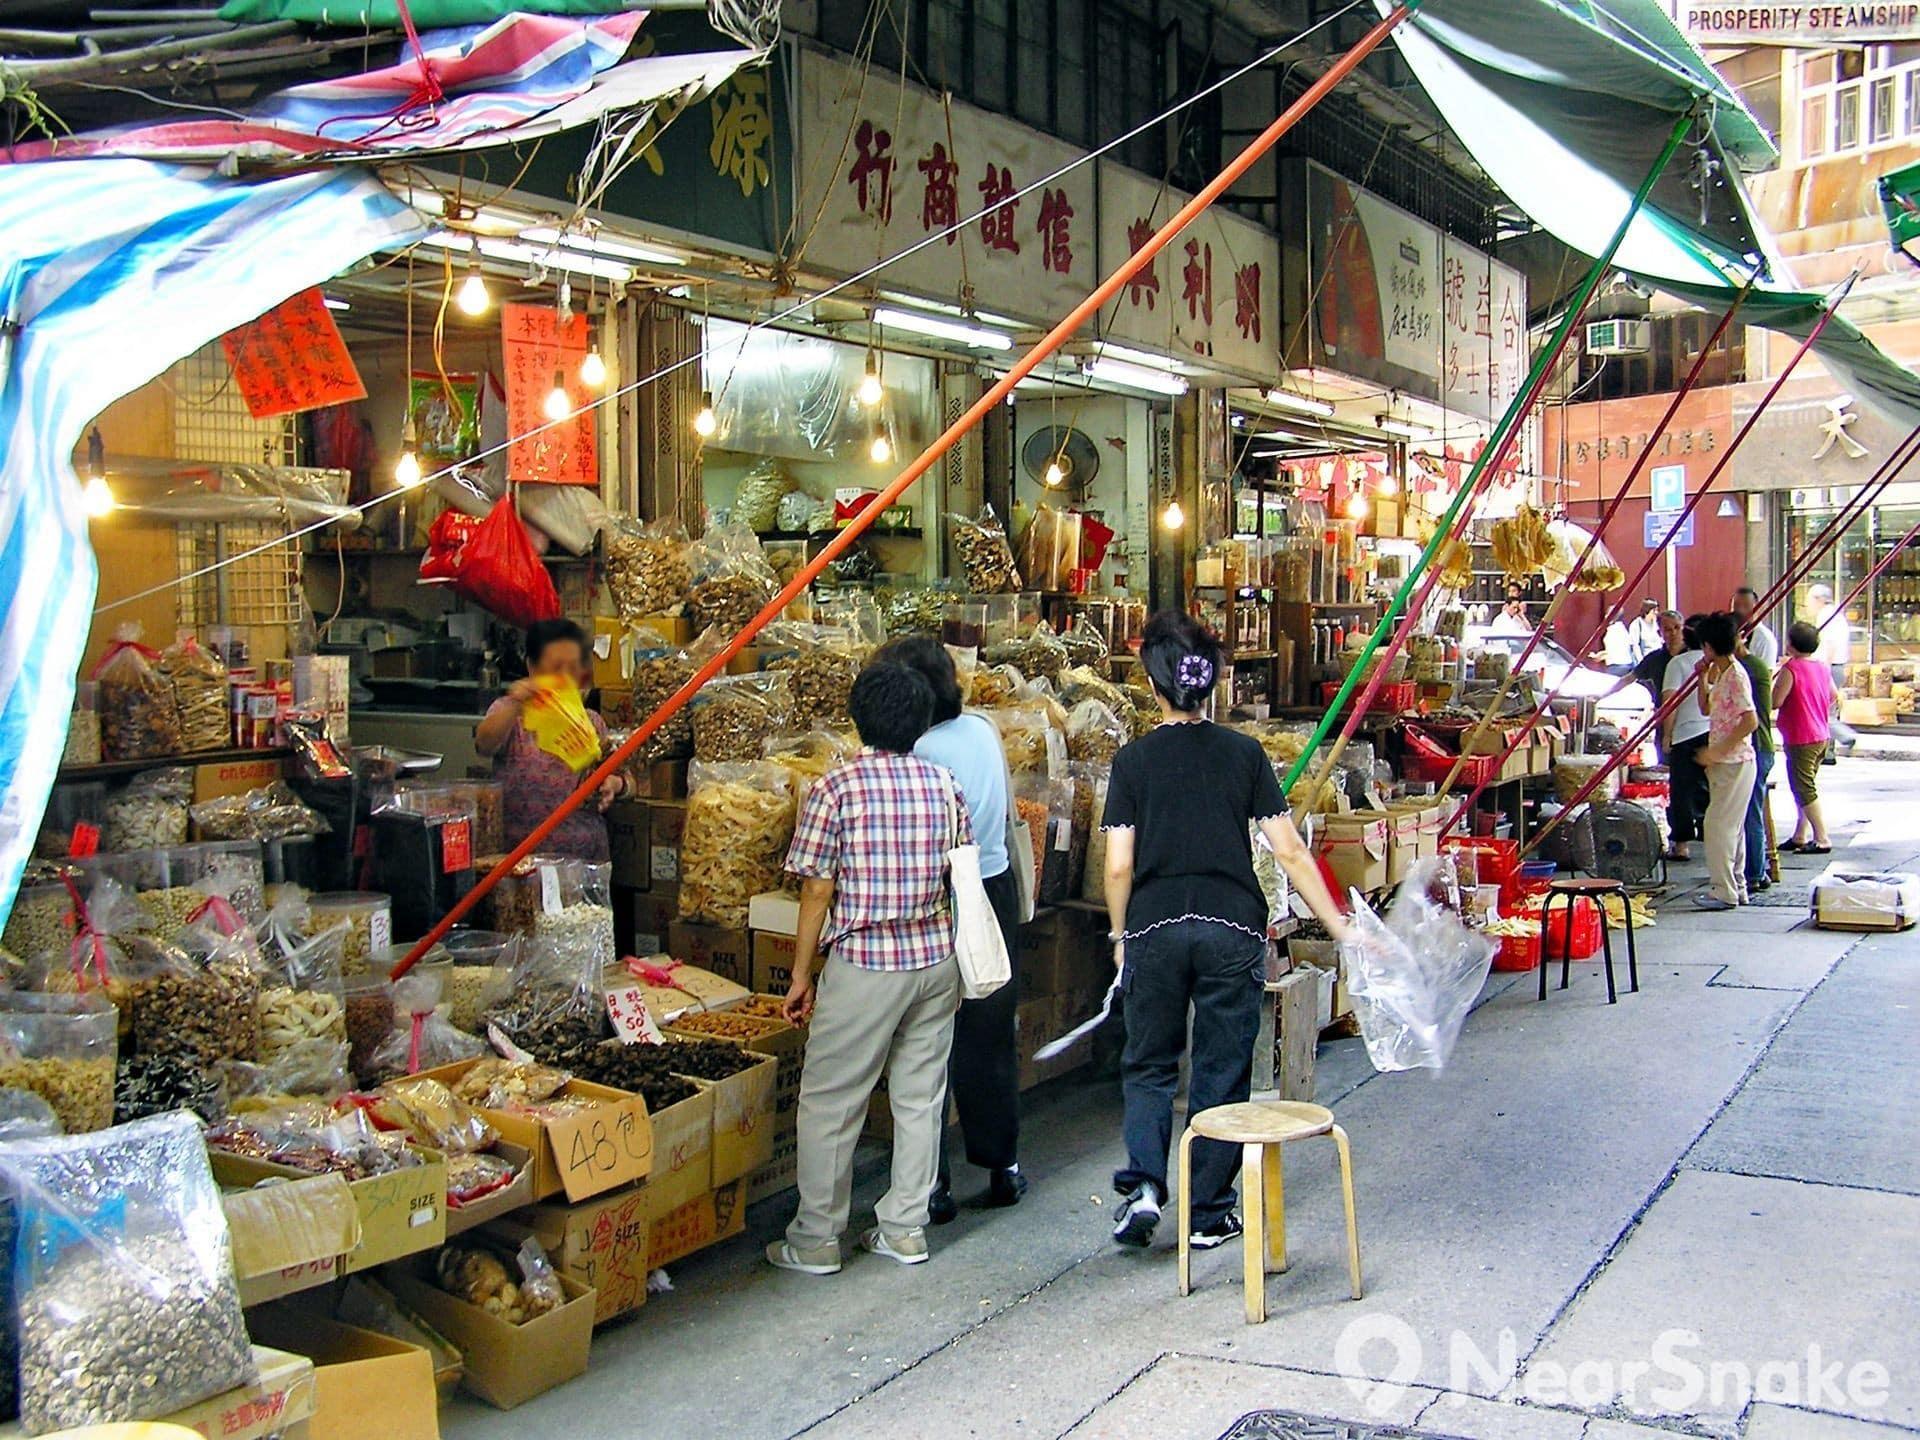 海味街上的海味藥材都像是雜貨般被堆放在商舖門前,不過看看價錢牌,貨品定價可以是幾百、甚至上千元一斤喔!